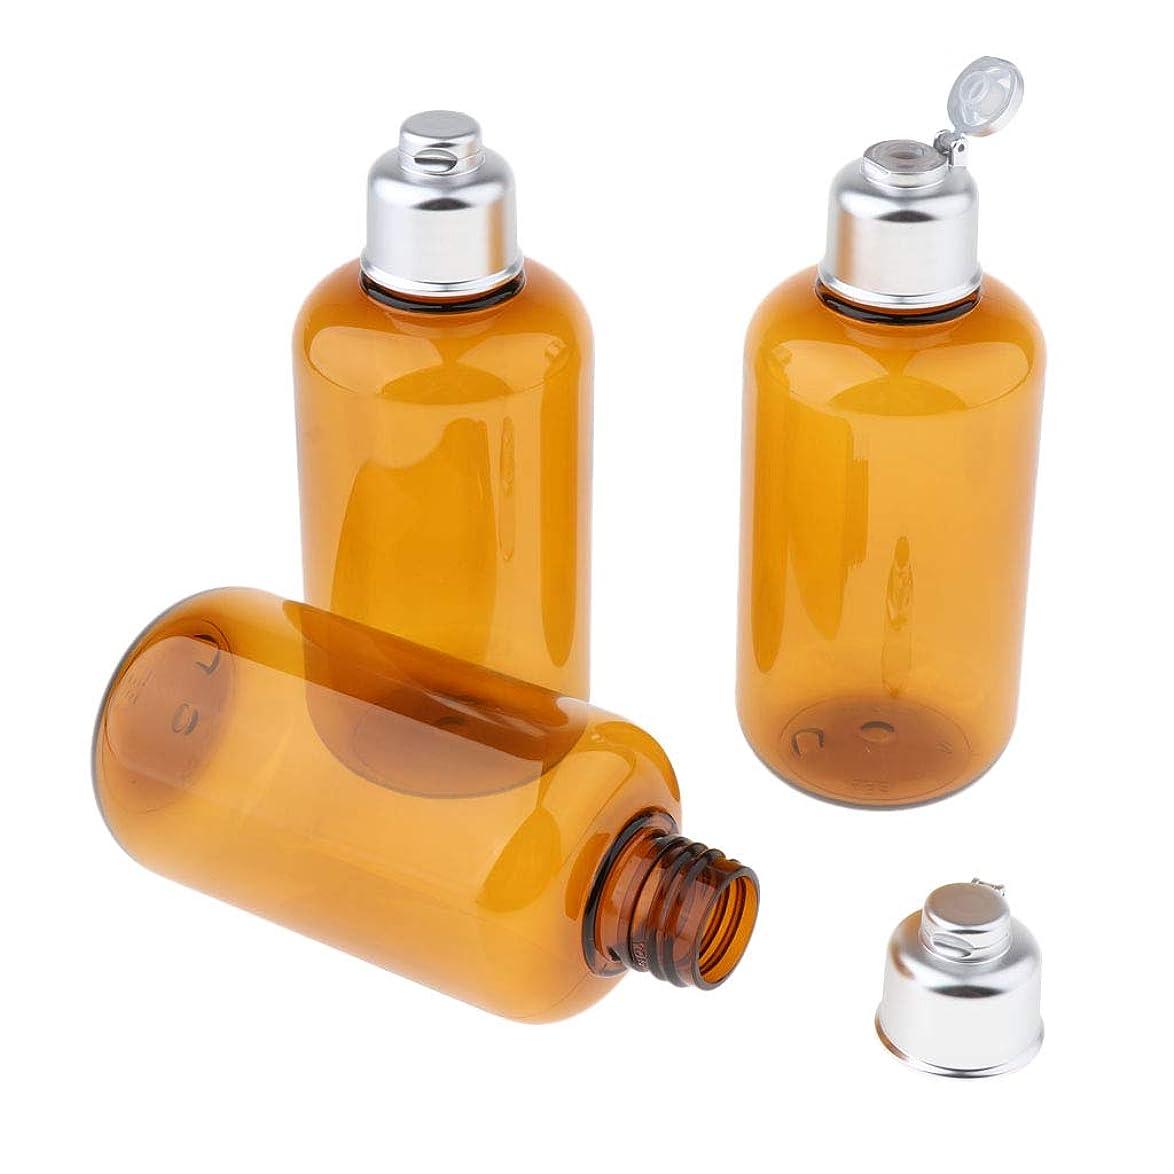 逃げる比類なき貴重なgazechimp 詰替え容器 化粧品ボトル 空 シャンプー容器 3個 旅行用品 全3サイズ - 200ミリリットル